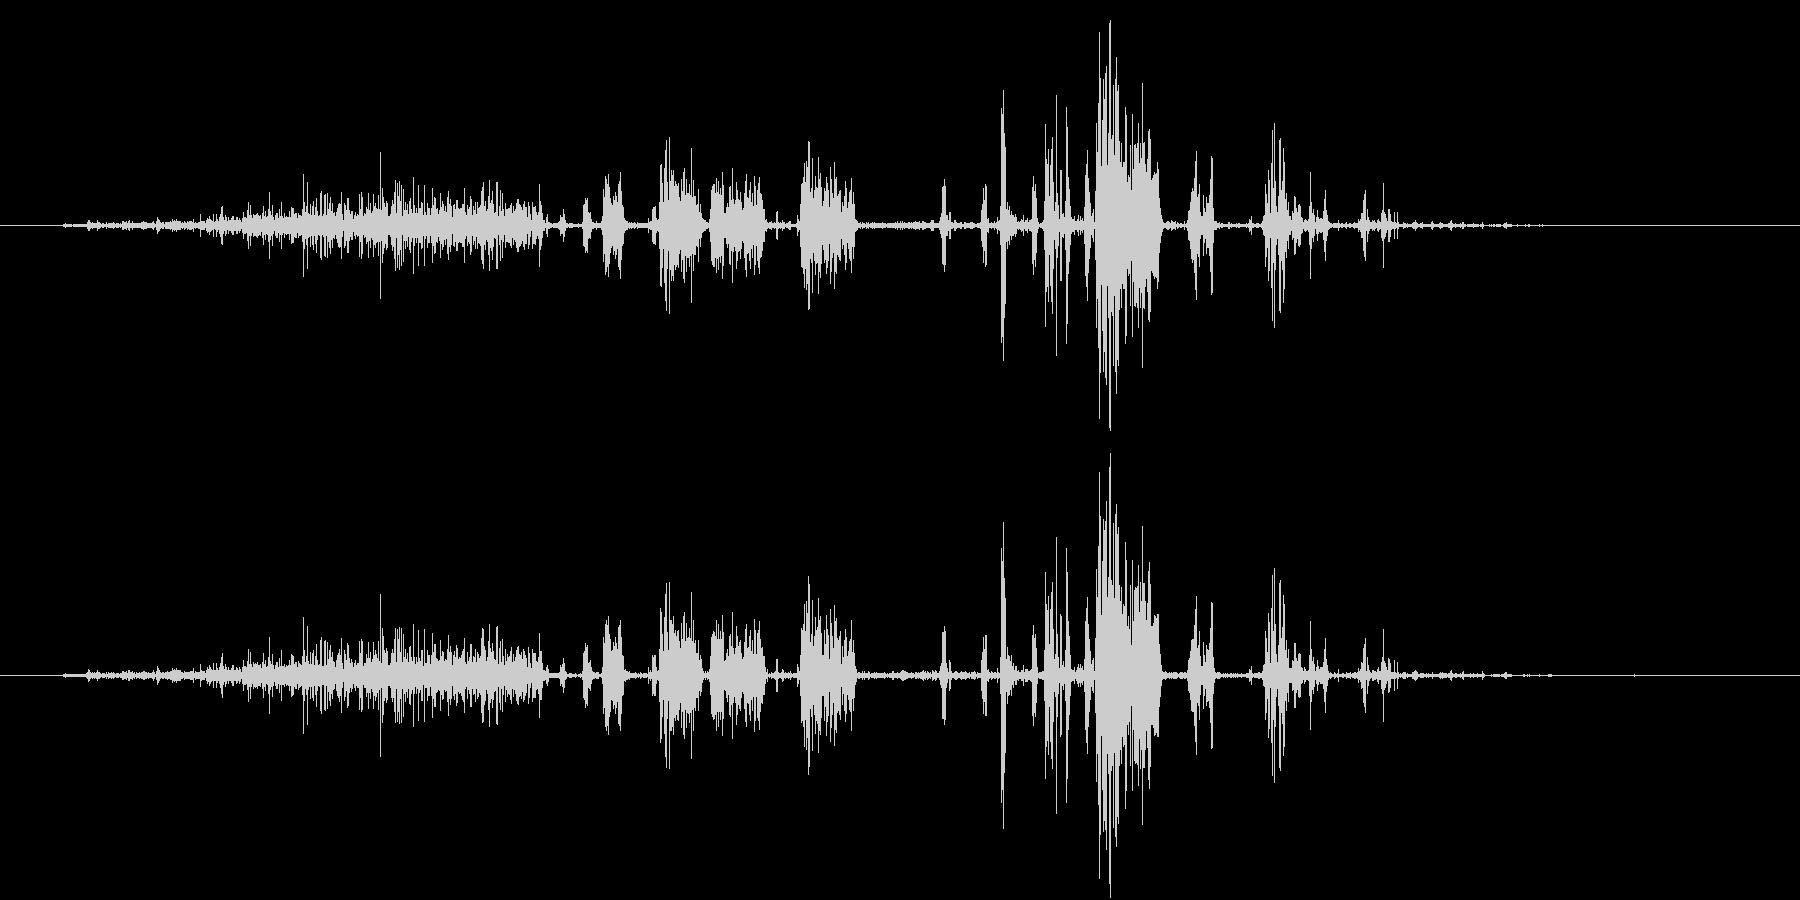 【生録音】シェービングフォームの泡の音の未再生の波形